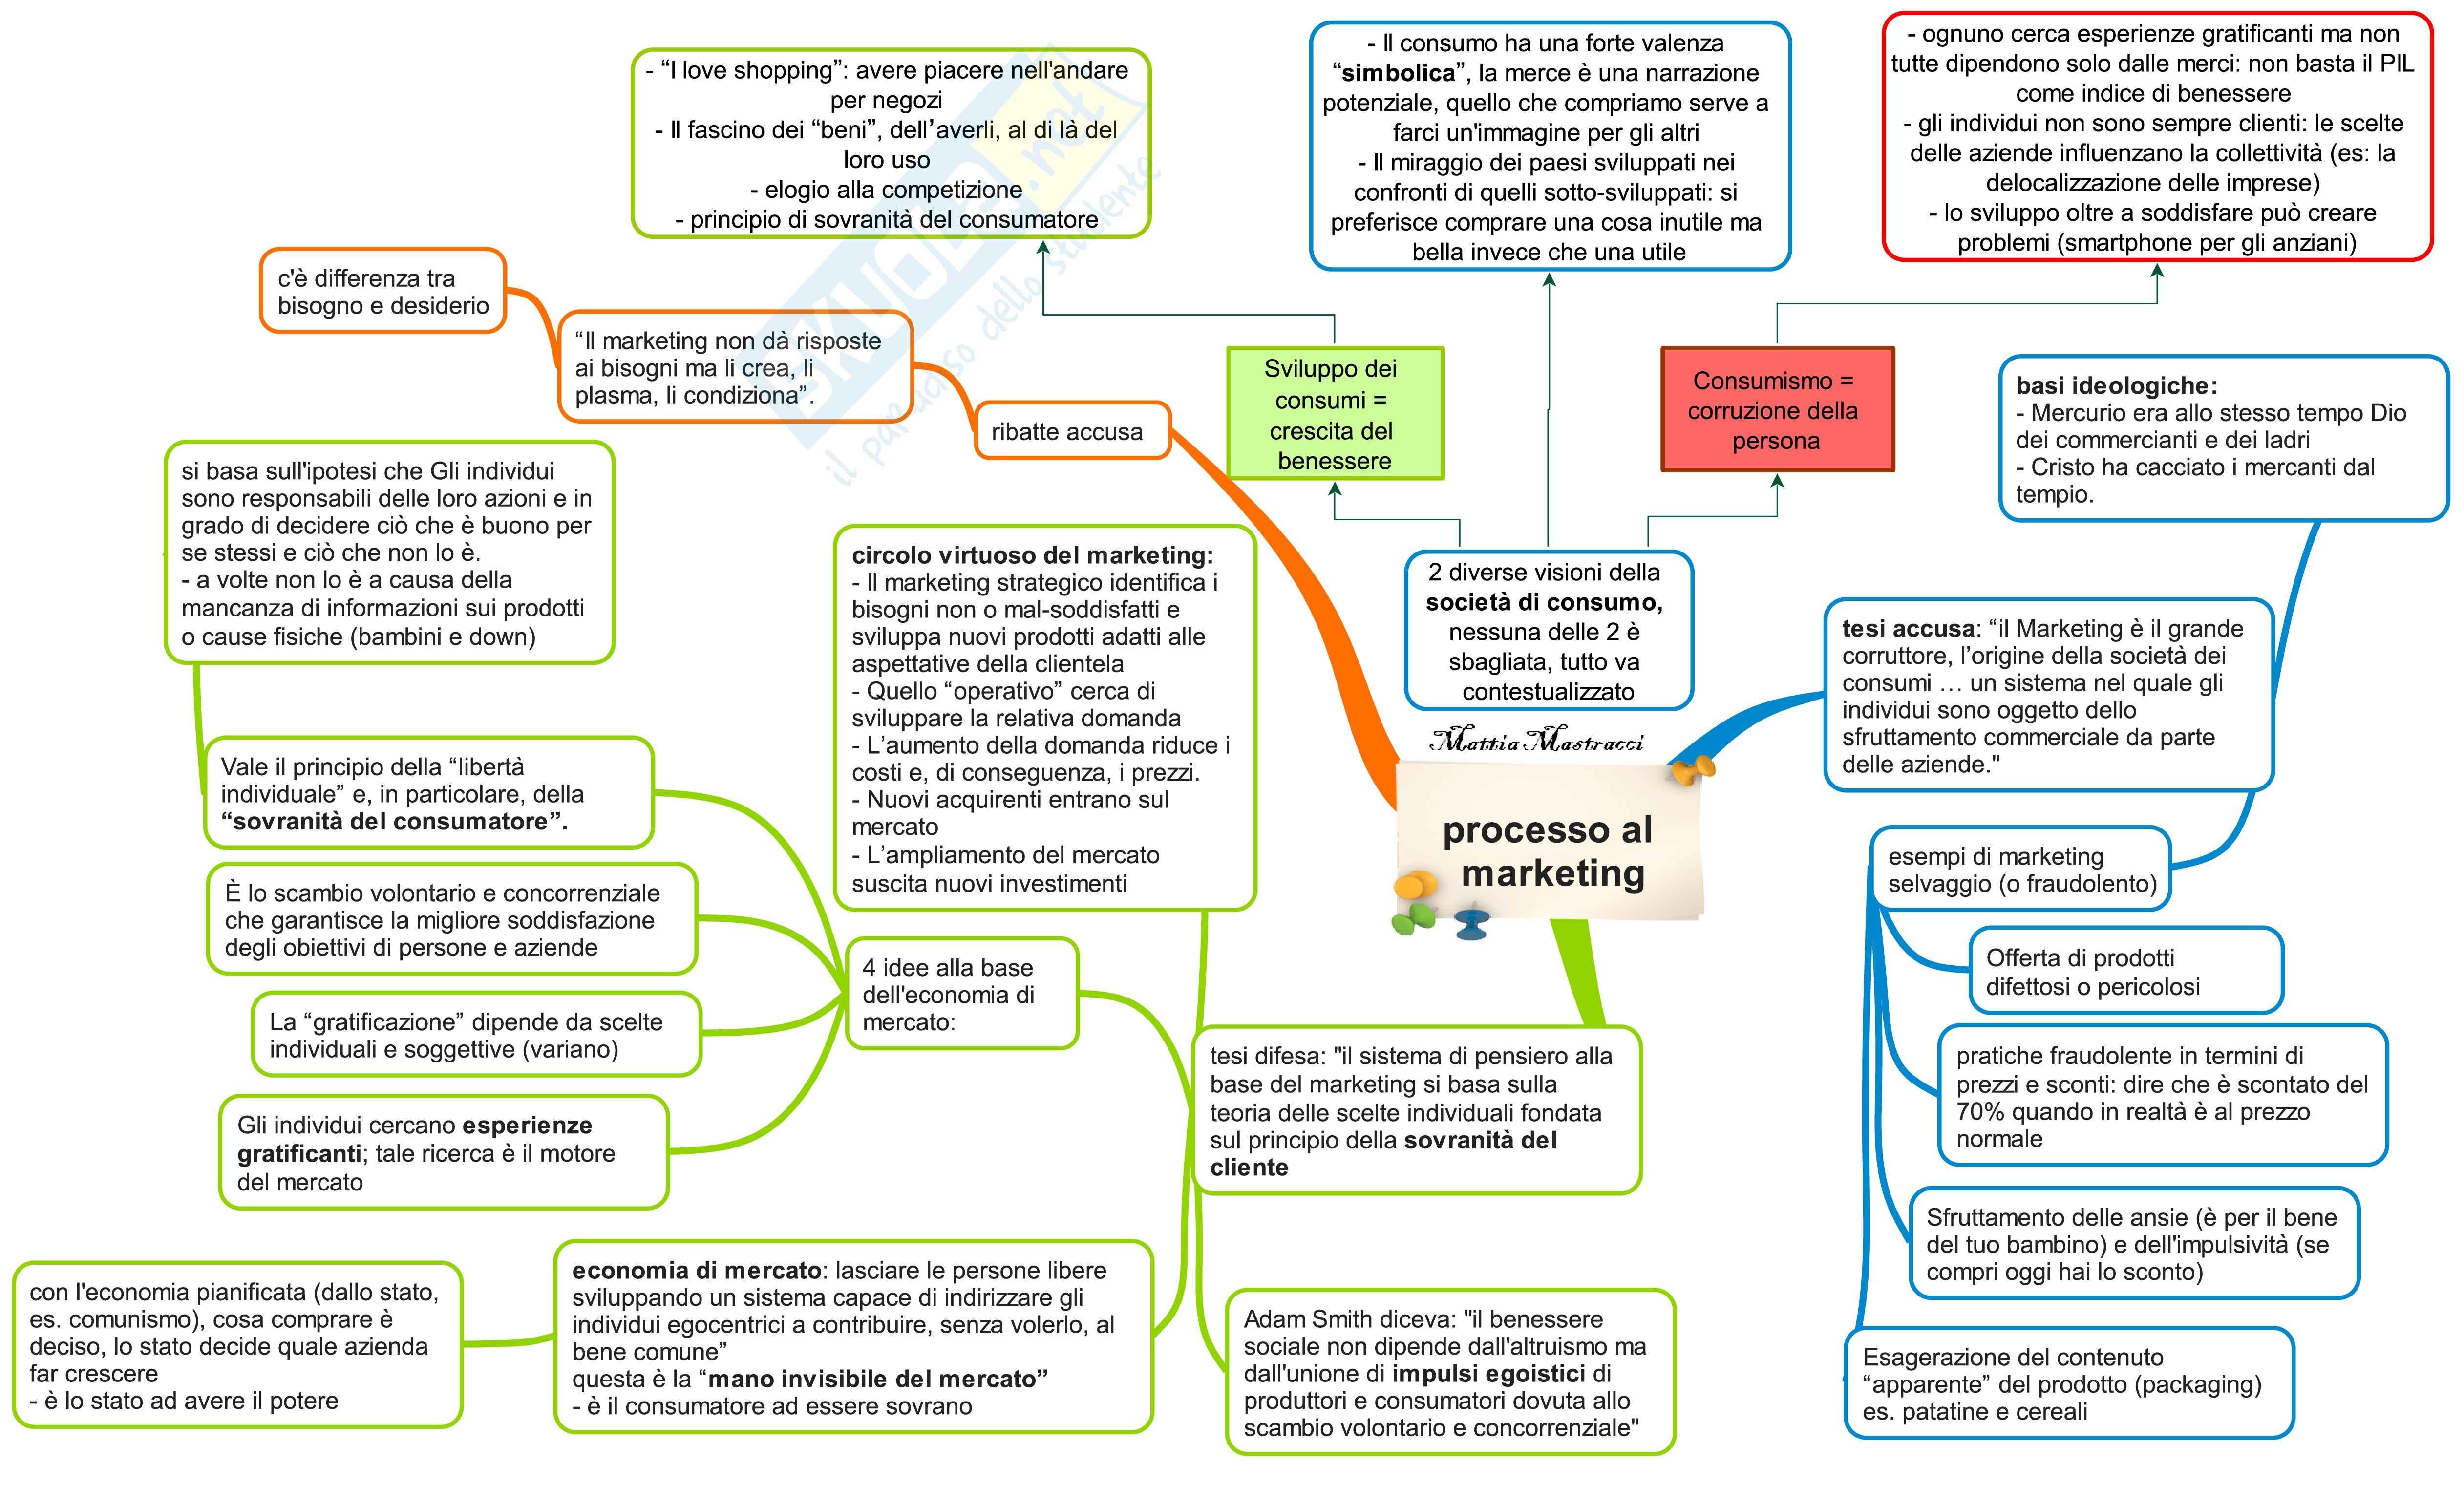 Fondamenti di marketing - schemi suntivi, prof. D'Angelo Pag. 2